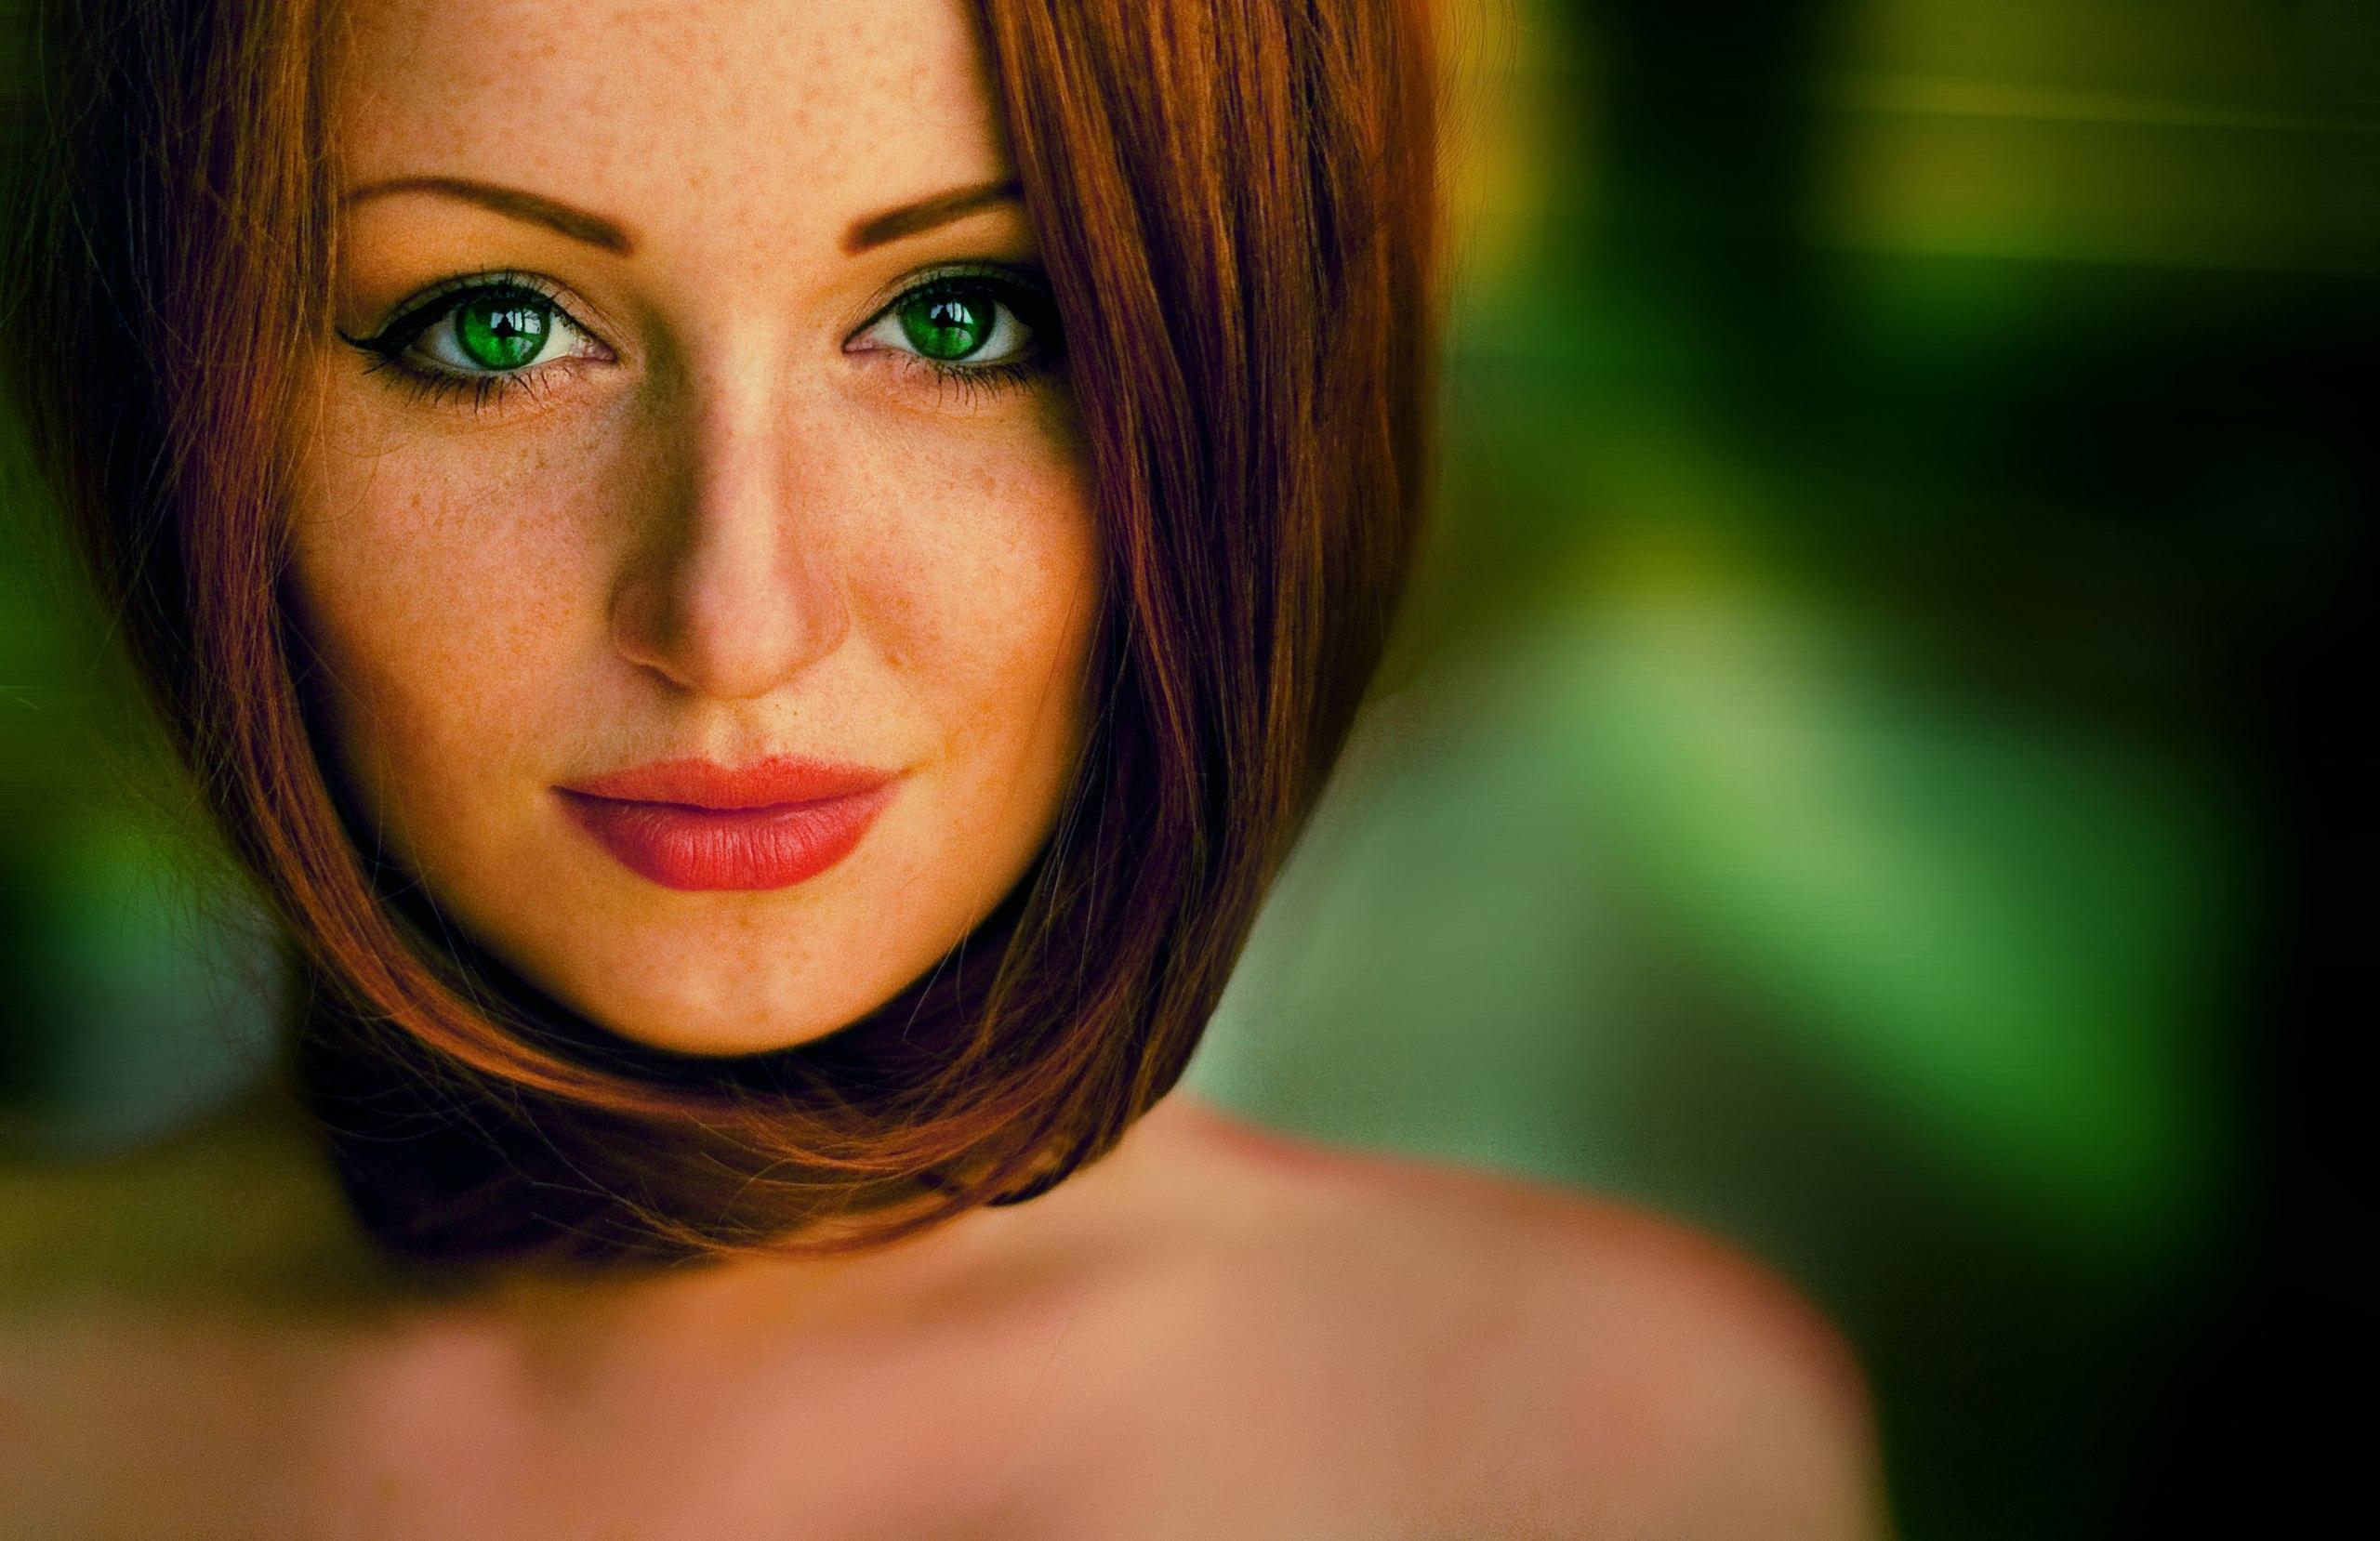 Фото красивых девушек рыжих с зелеными глазами фото